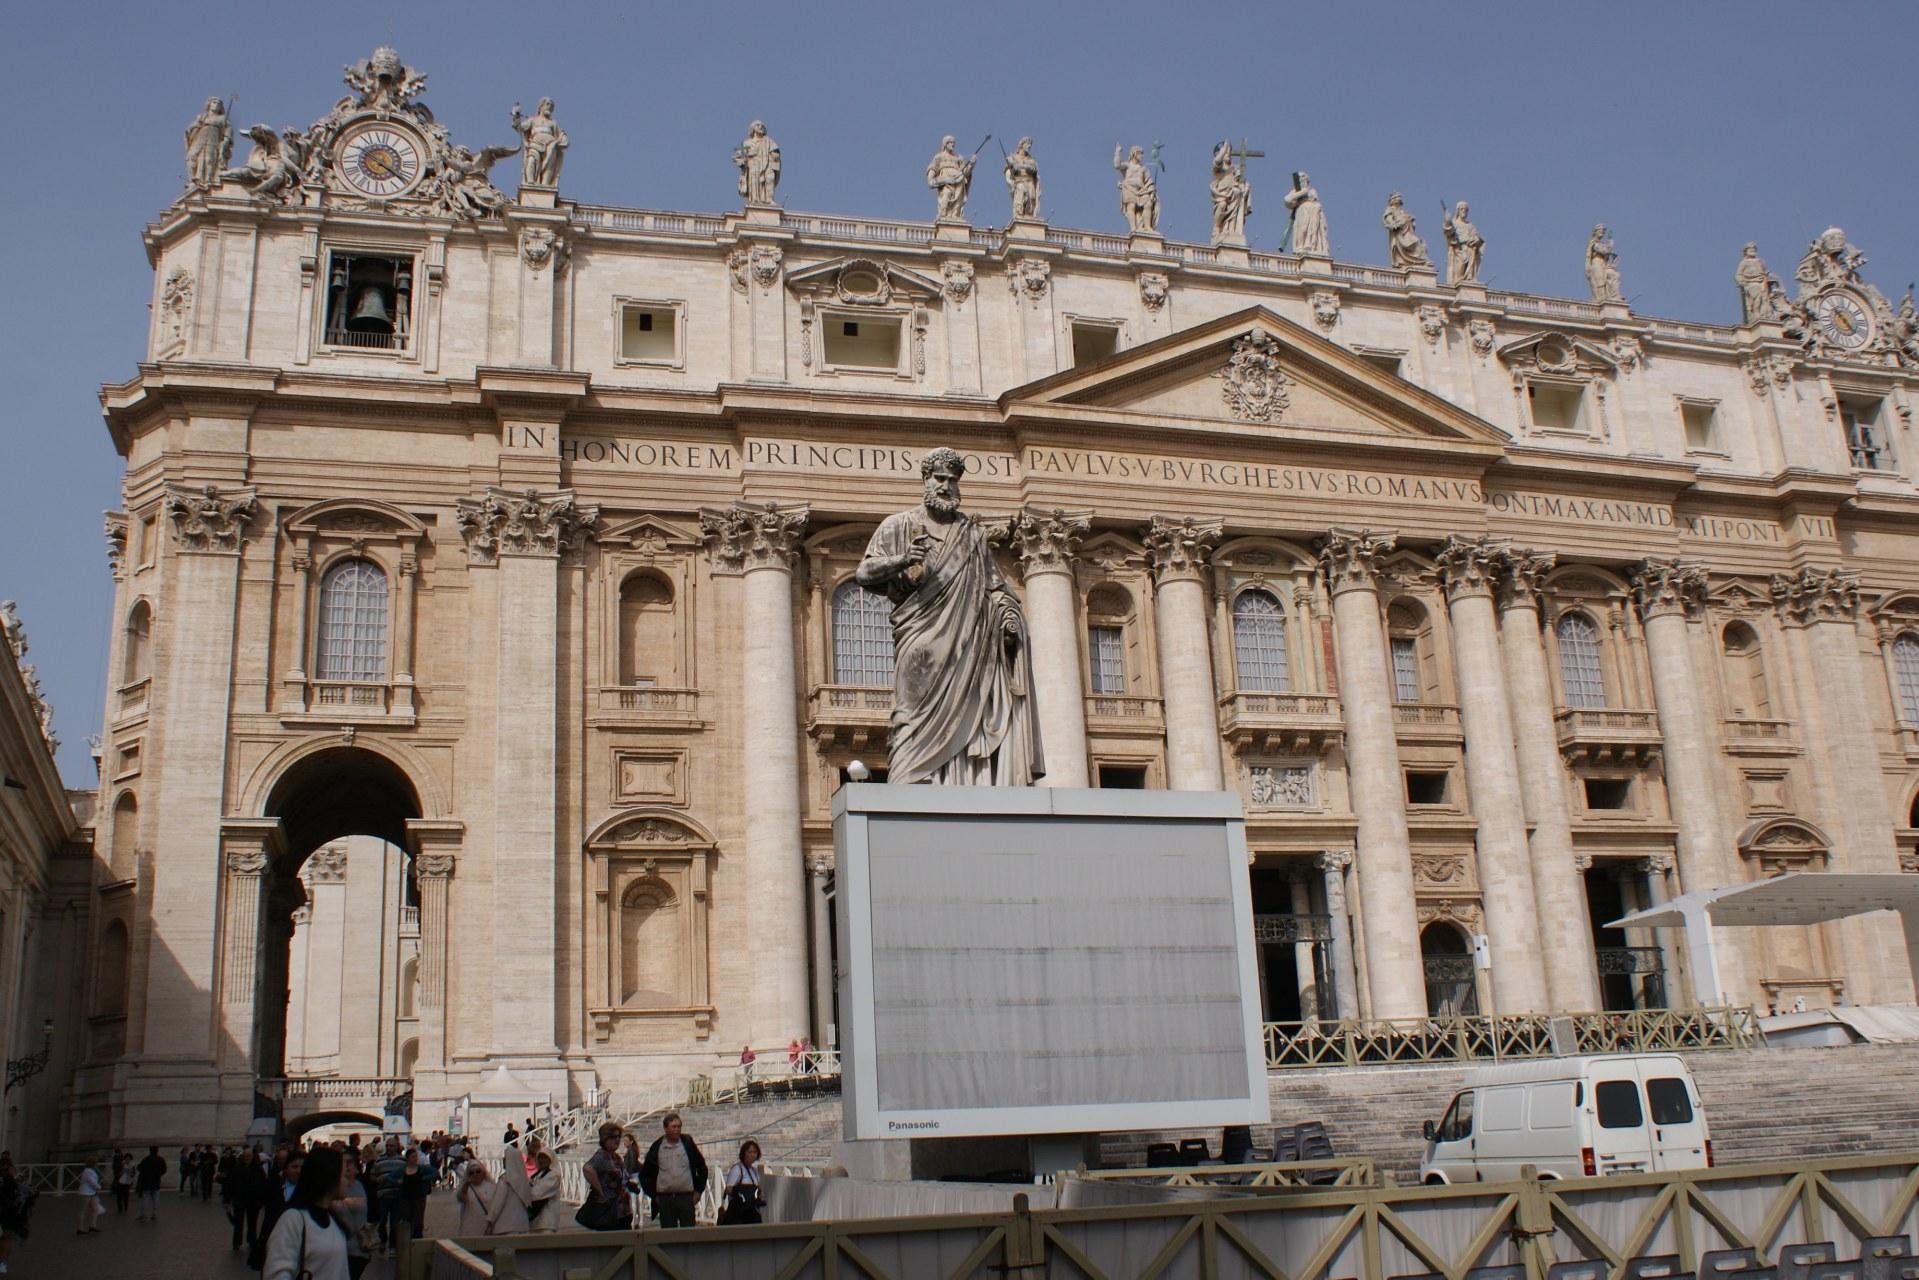 Images - Stald - Rome Printemps 2016 - 04:05 - 26